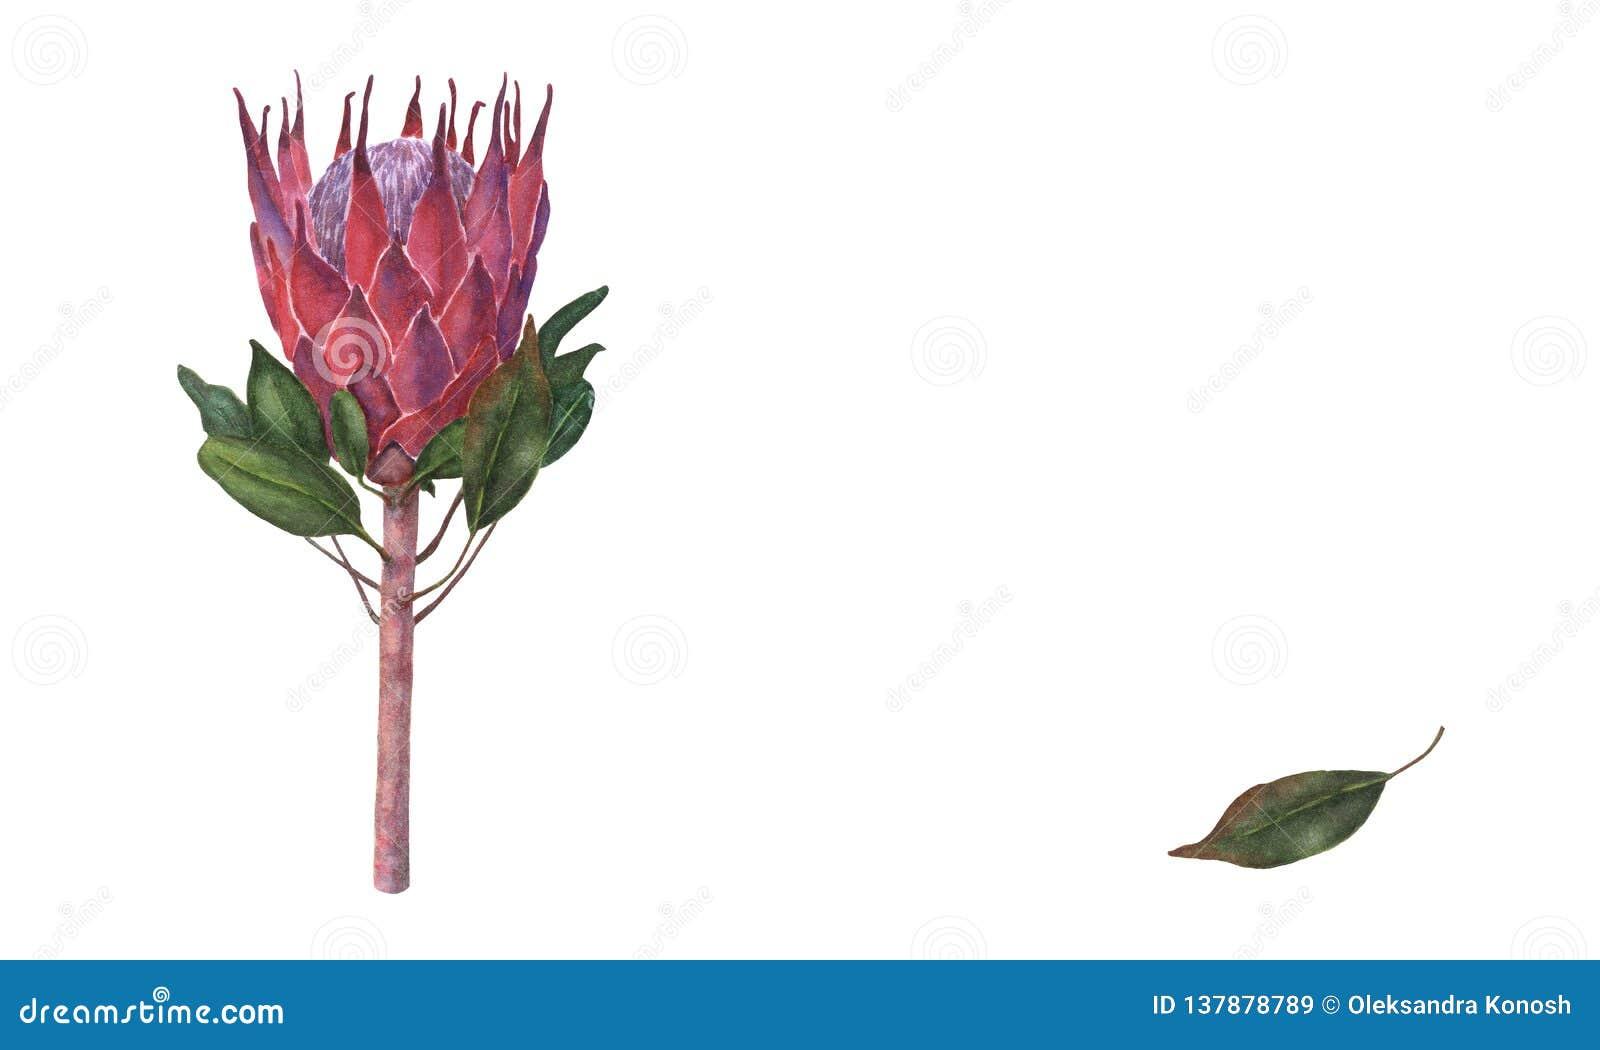 Botaniczna ilustracja królewiątka Protea, akwareli ręka rysująca, na białym tle, odizolowywającym